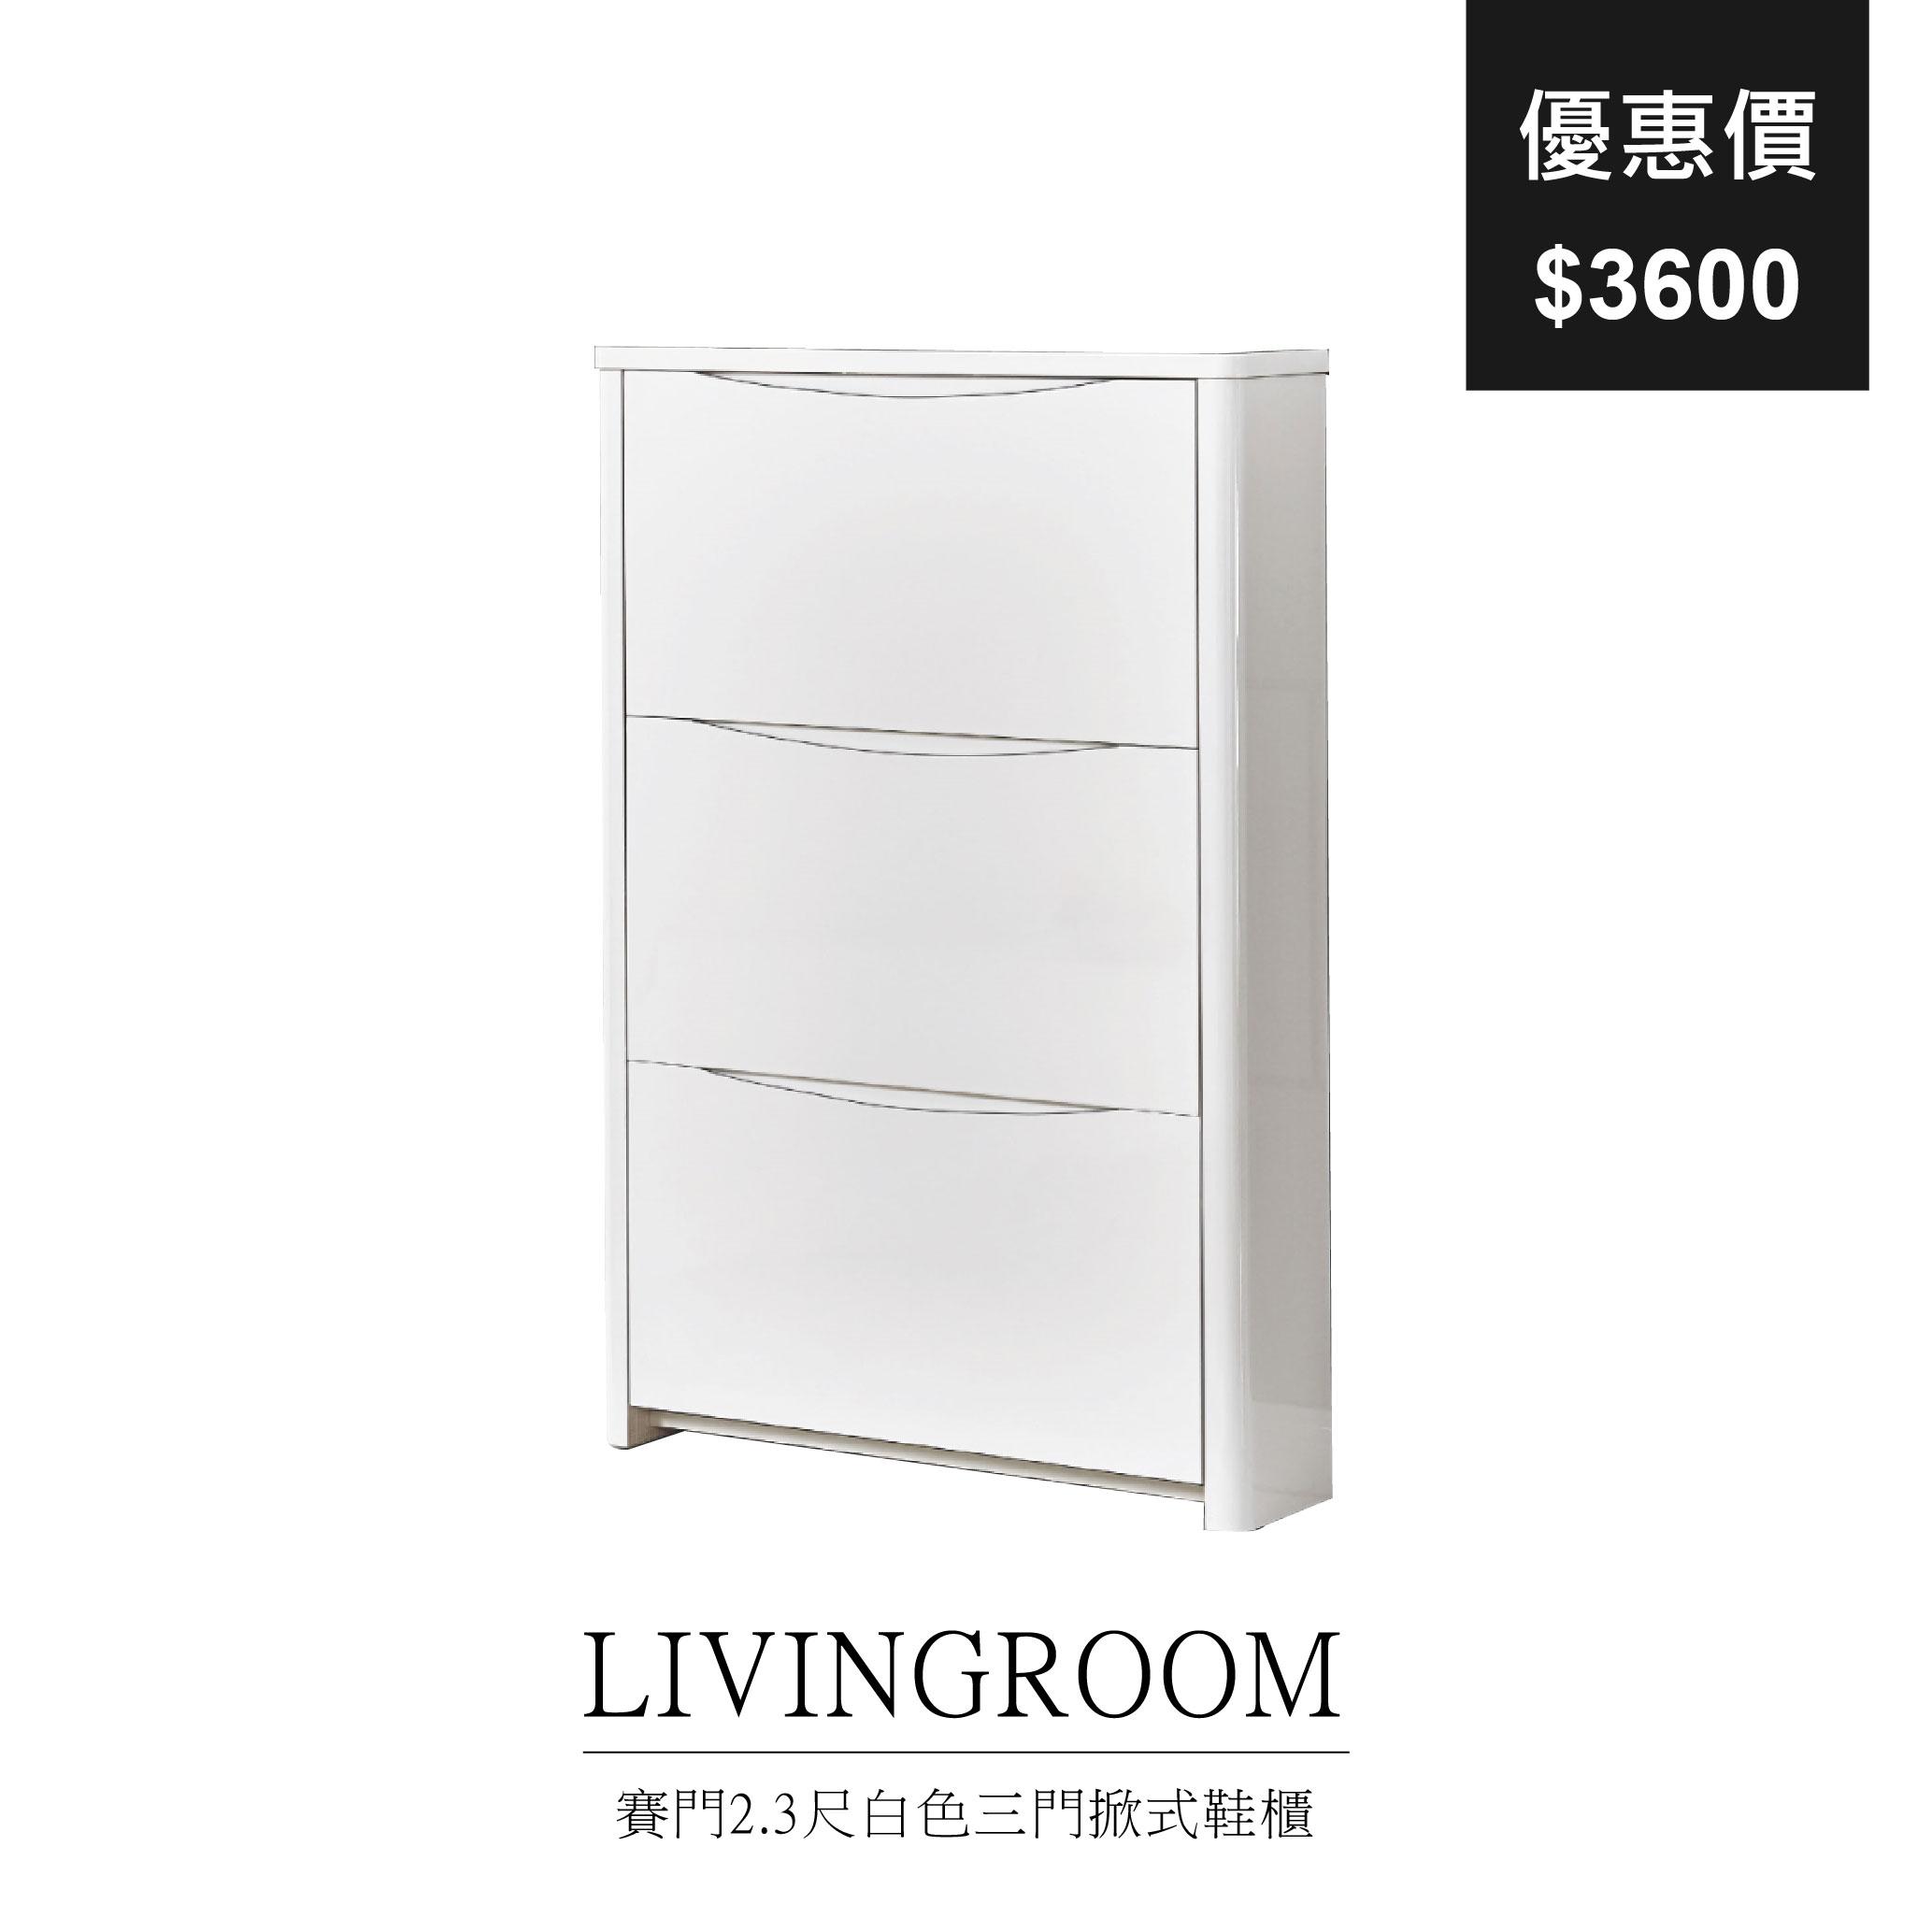 賽門2.3尺白色三門掀式鞋櫃